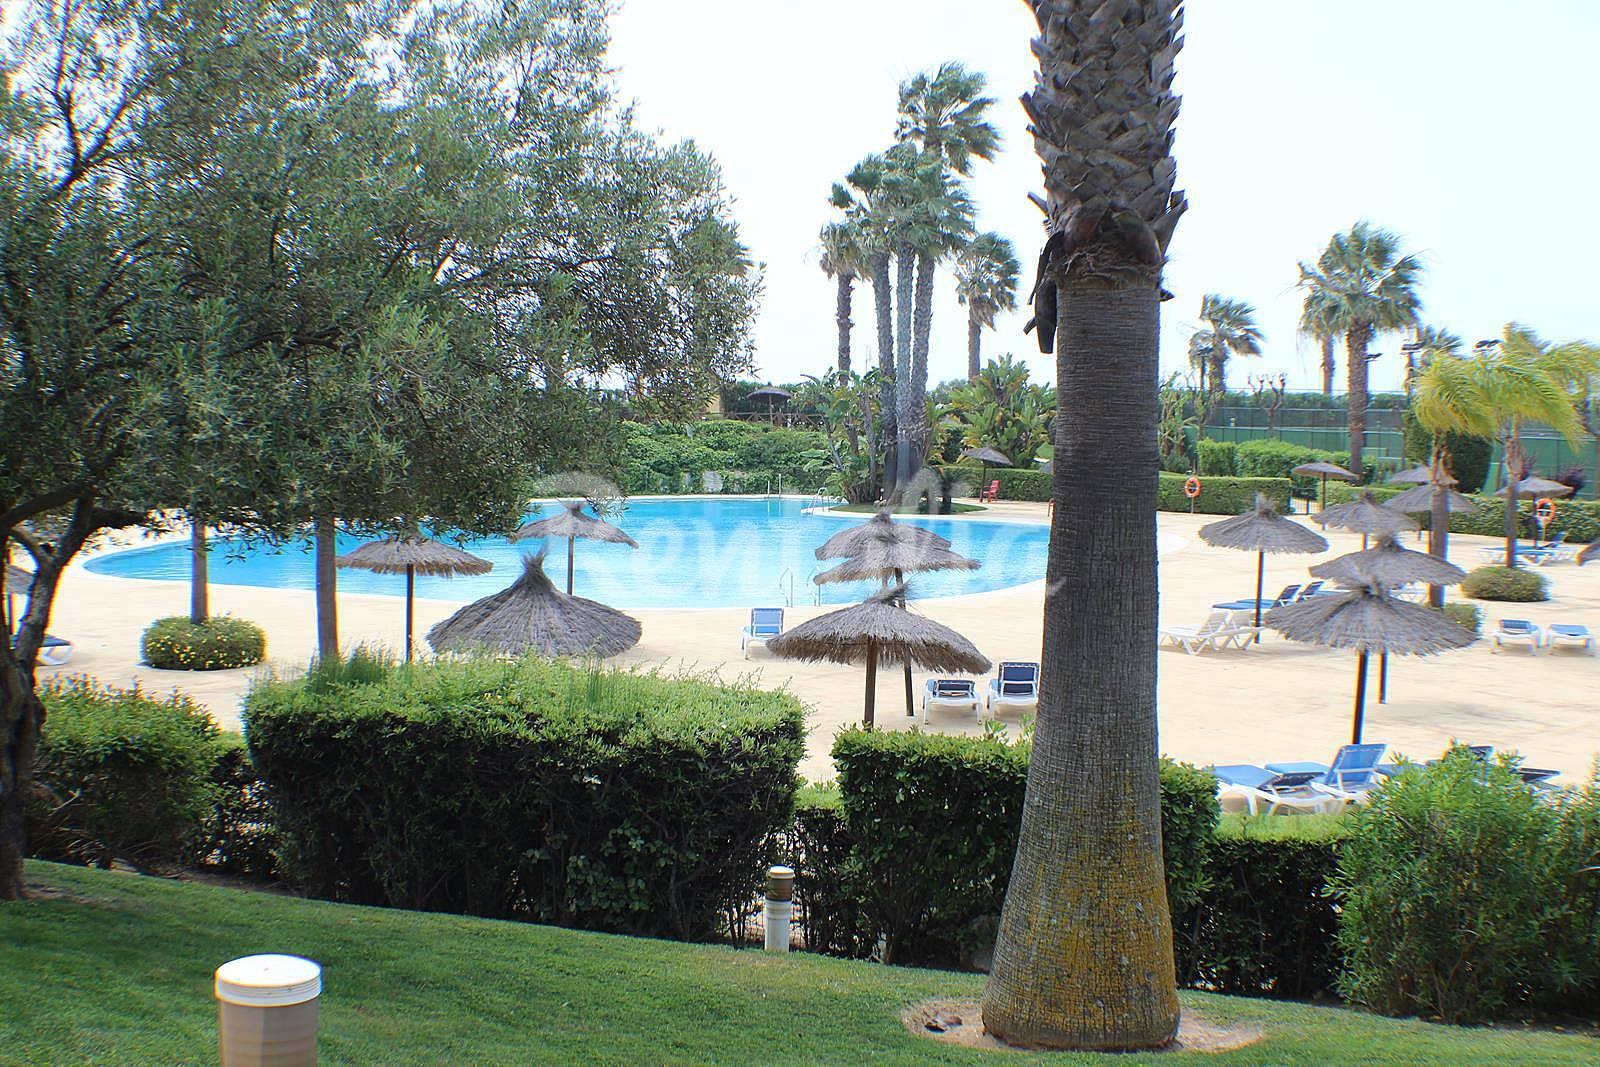 Apartamento en alquiler a 25 m de la playa islantilla - Rentalia islantilla ...